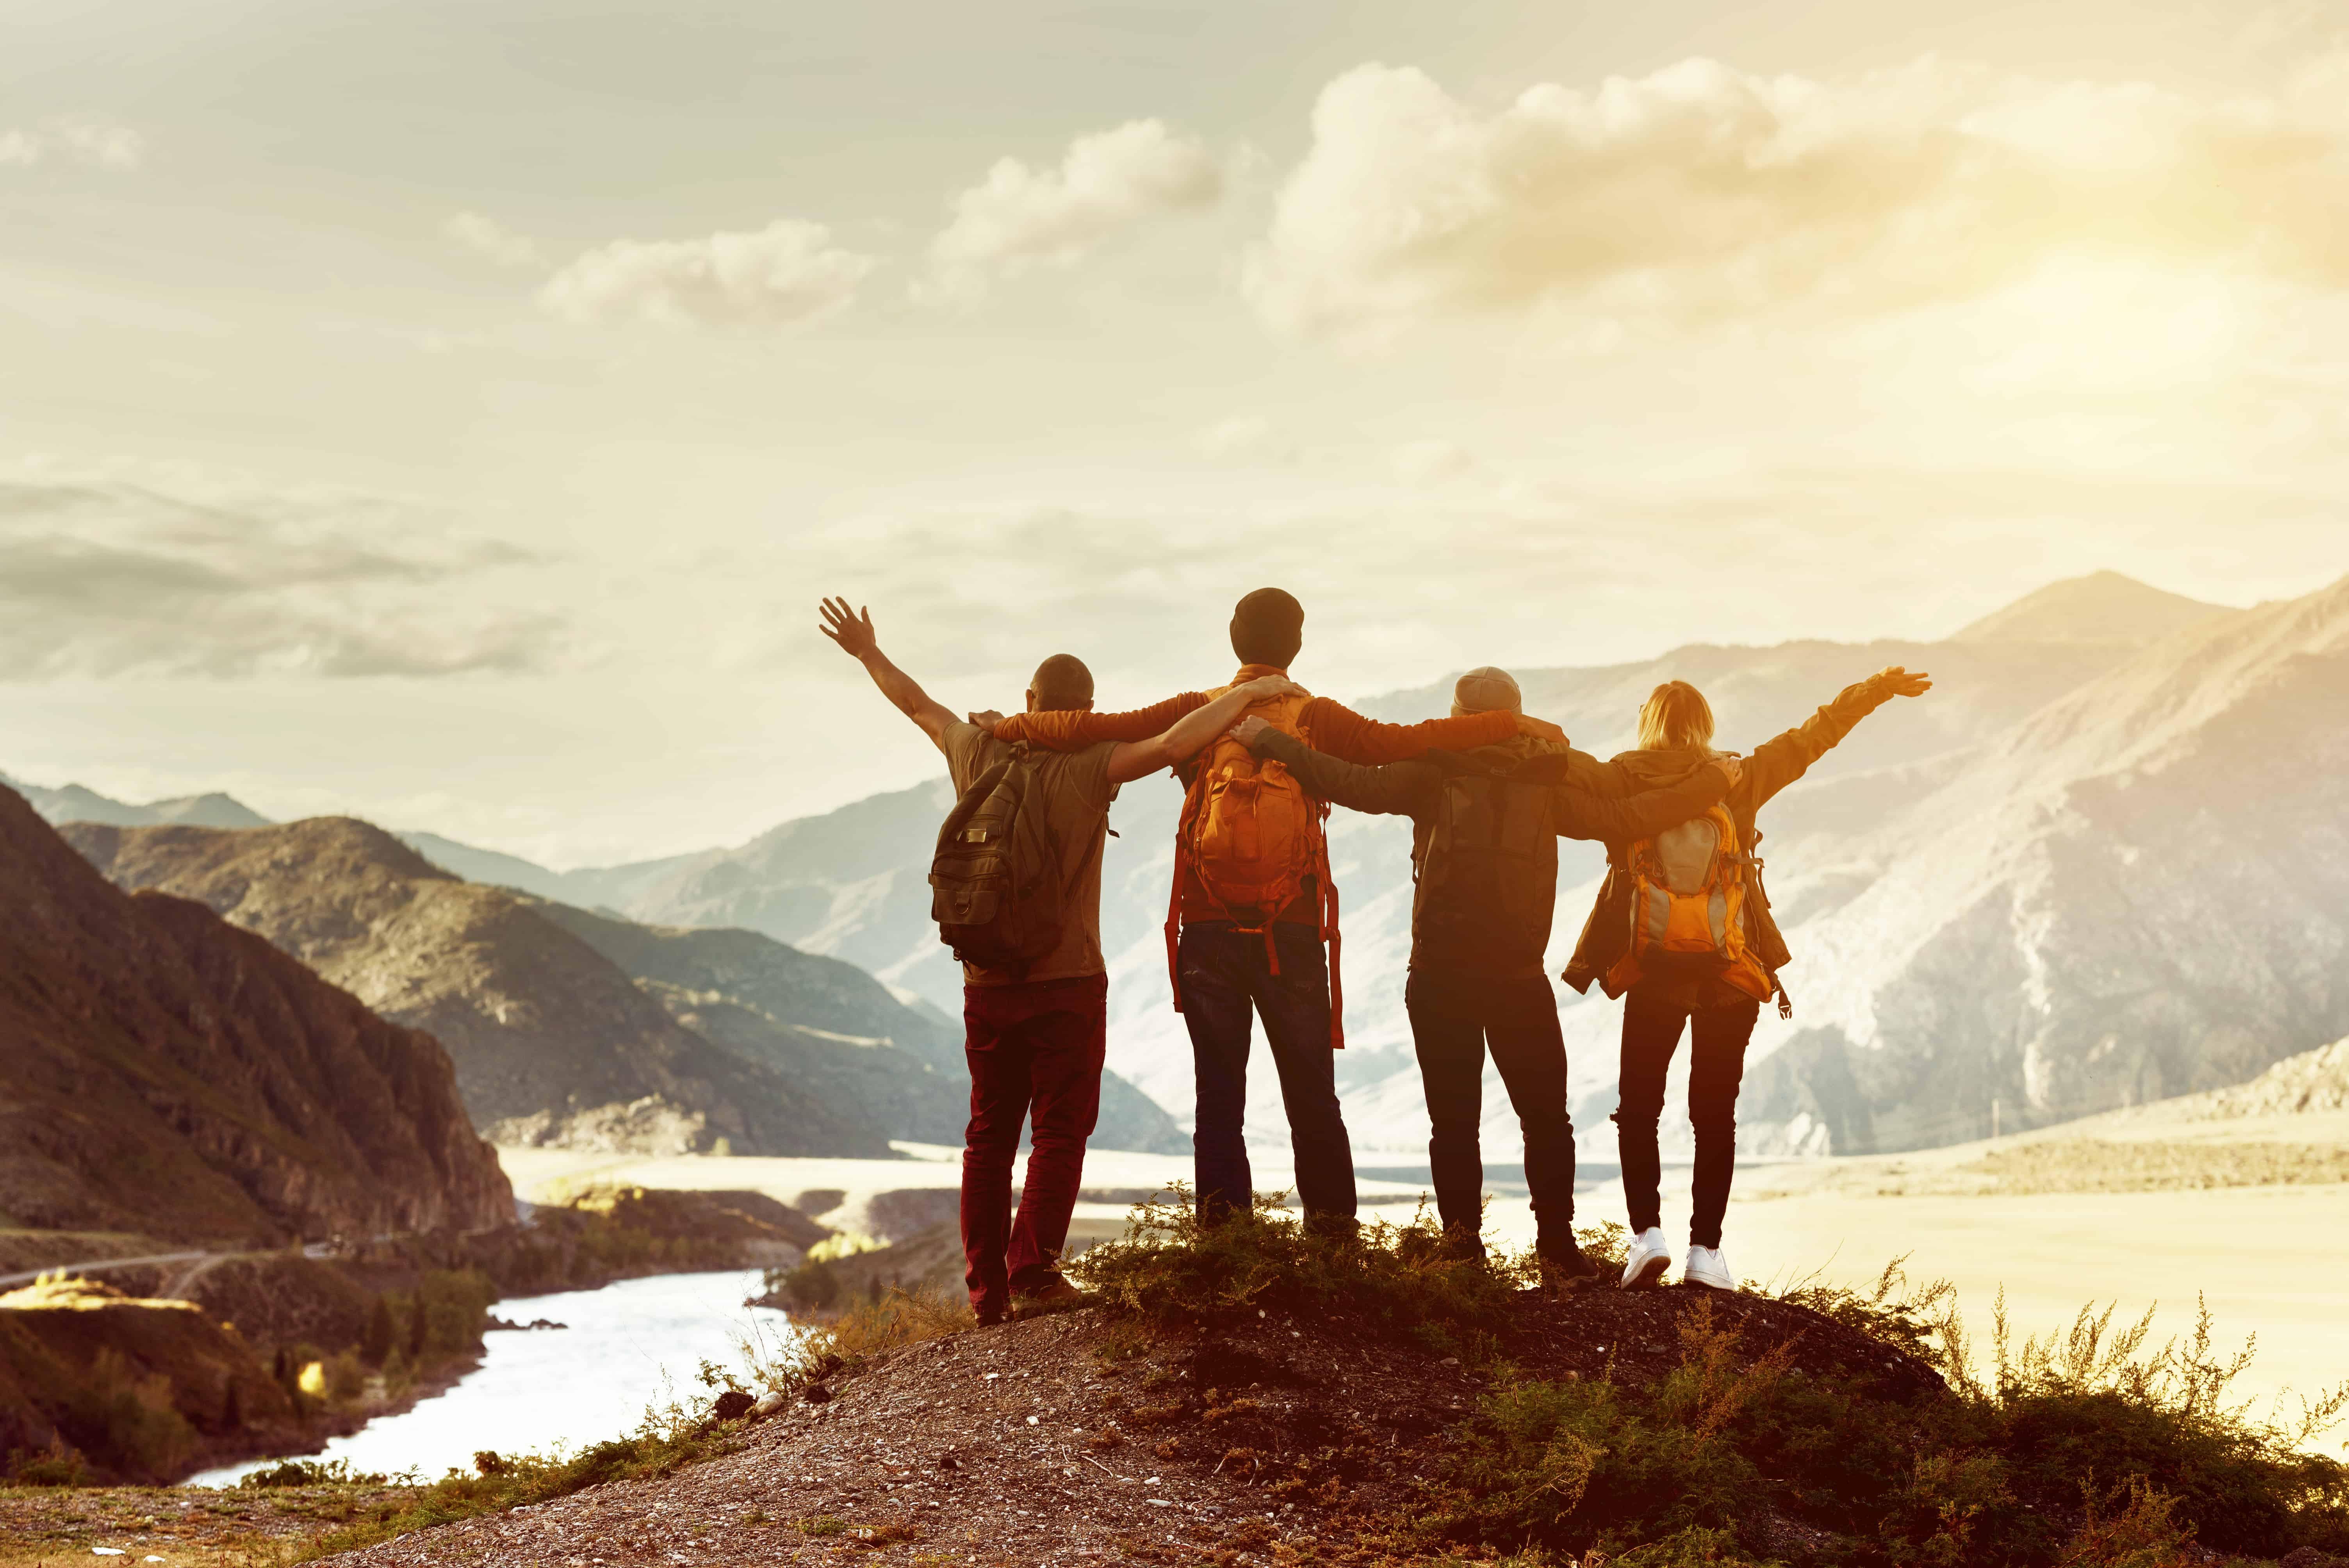 Leder du efter en rejseforsikring til en enkeltrejse? Så skal du have en enkeltrejseforsikring